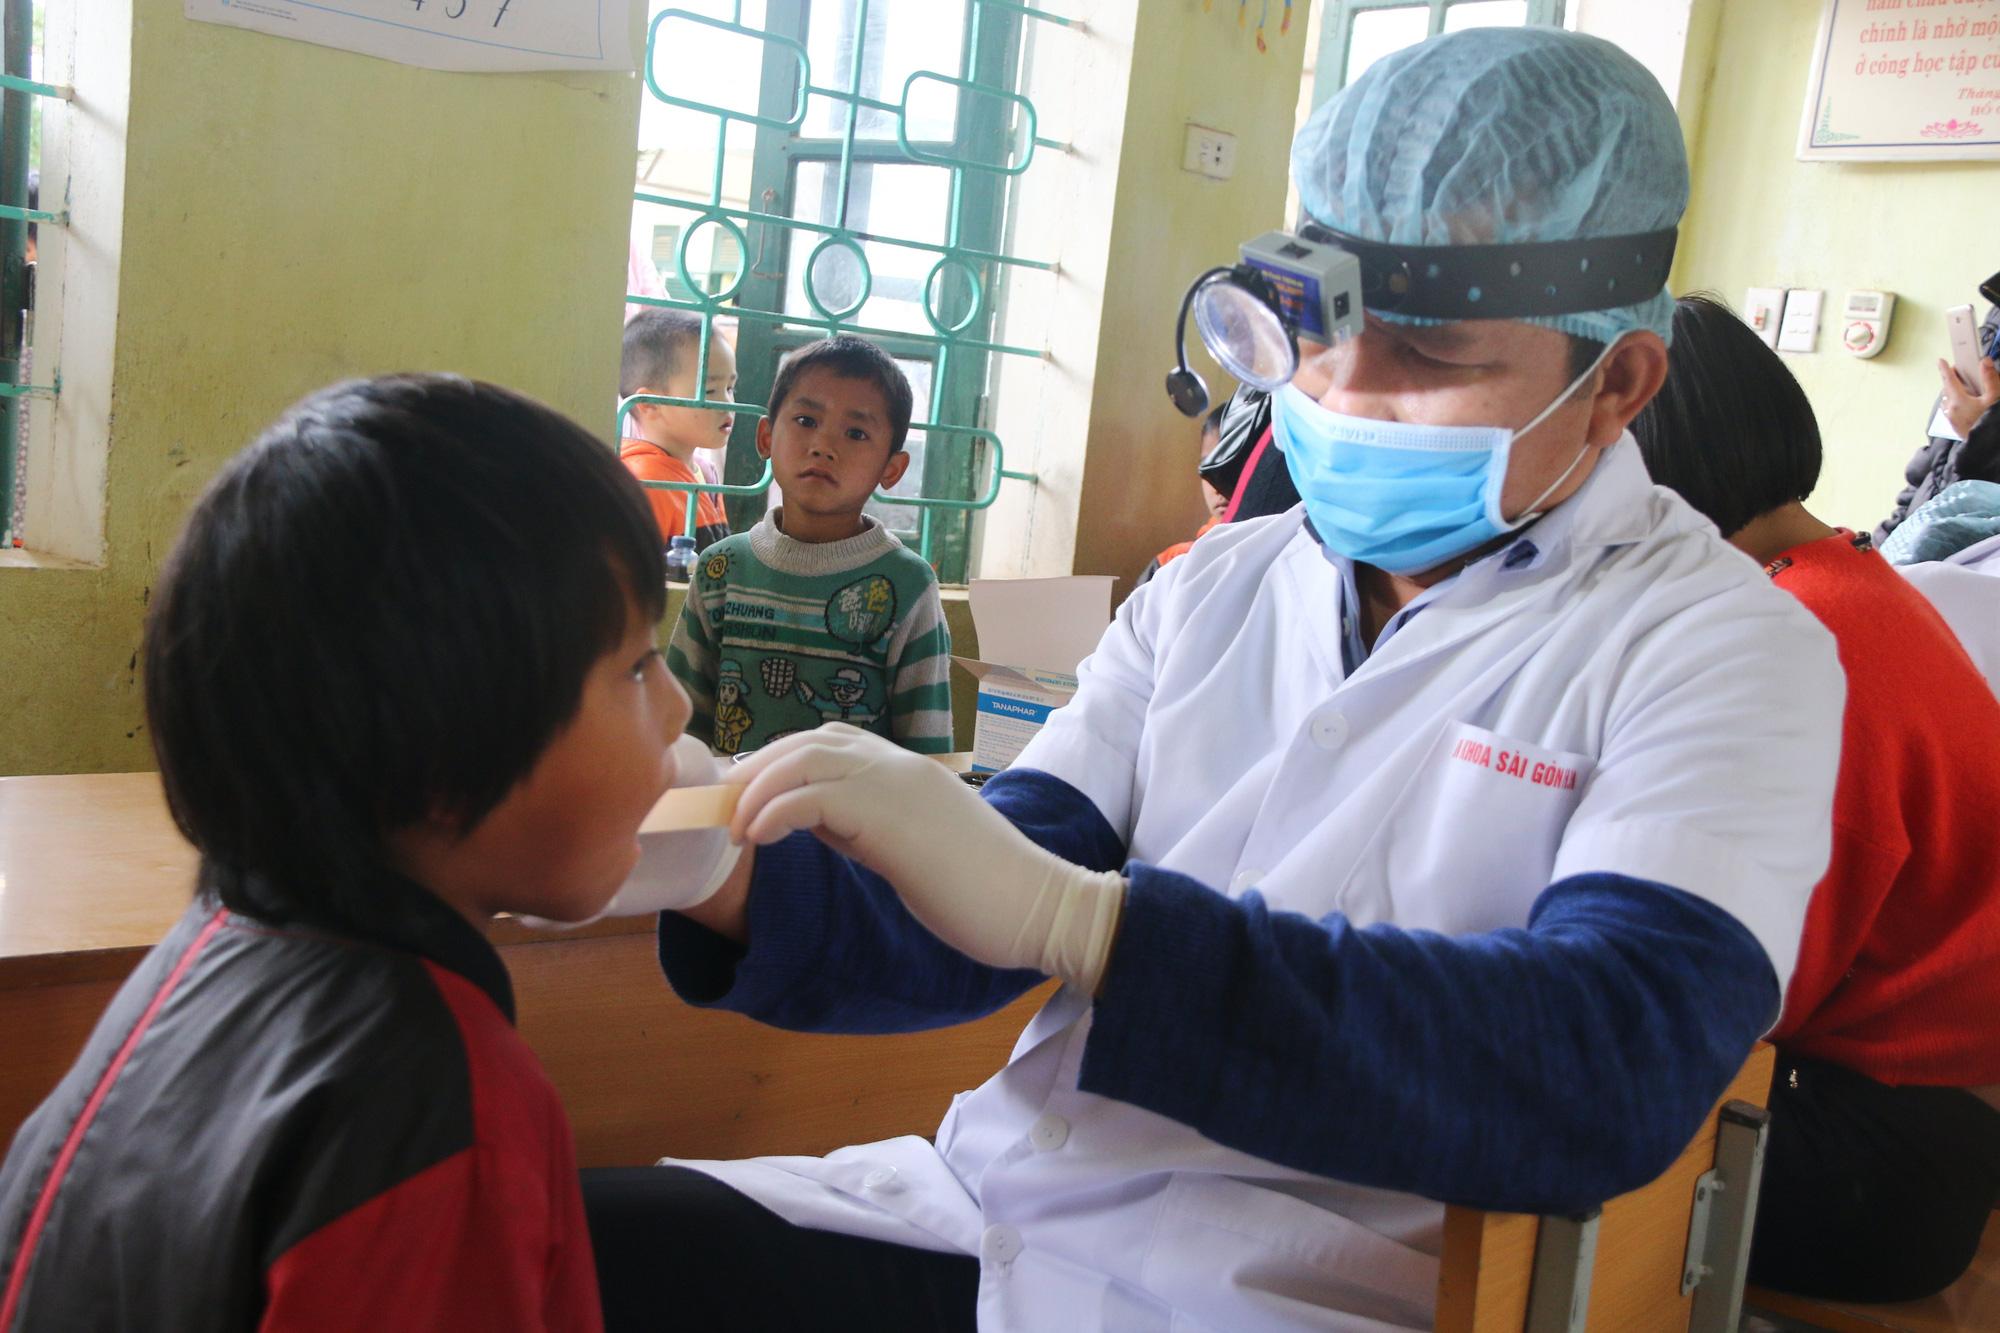 Dân Việt - Hành trình  10 năm thiện nguyện - Ảnh 25.